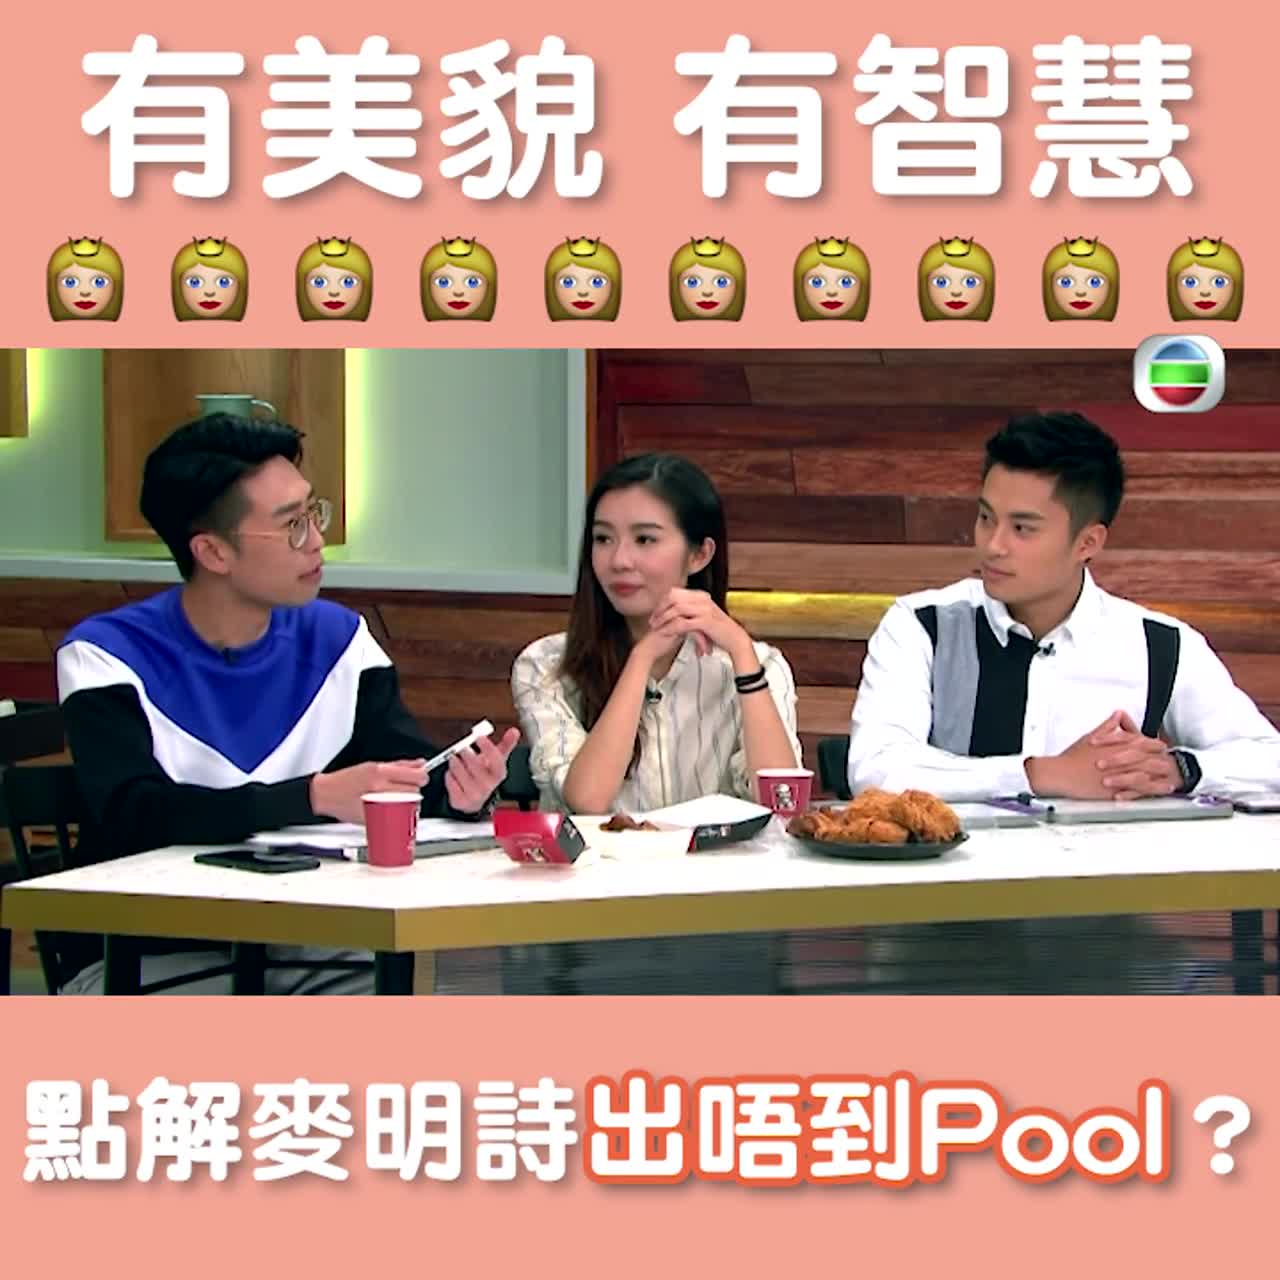 點解麥明詩出唔到Pool?